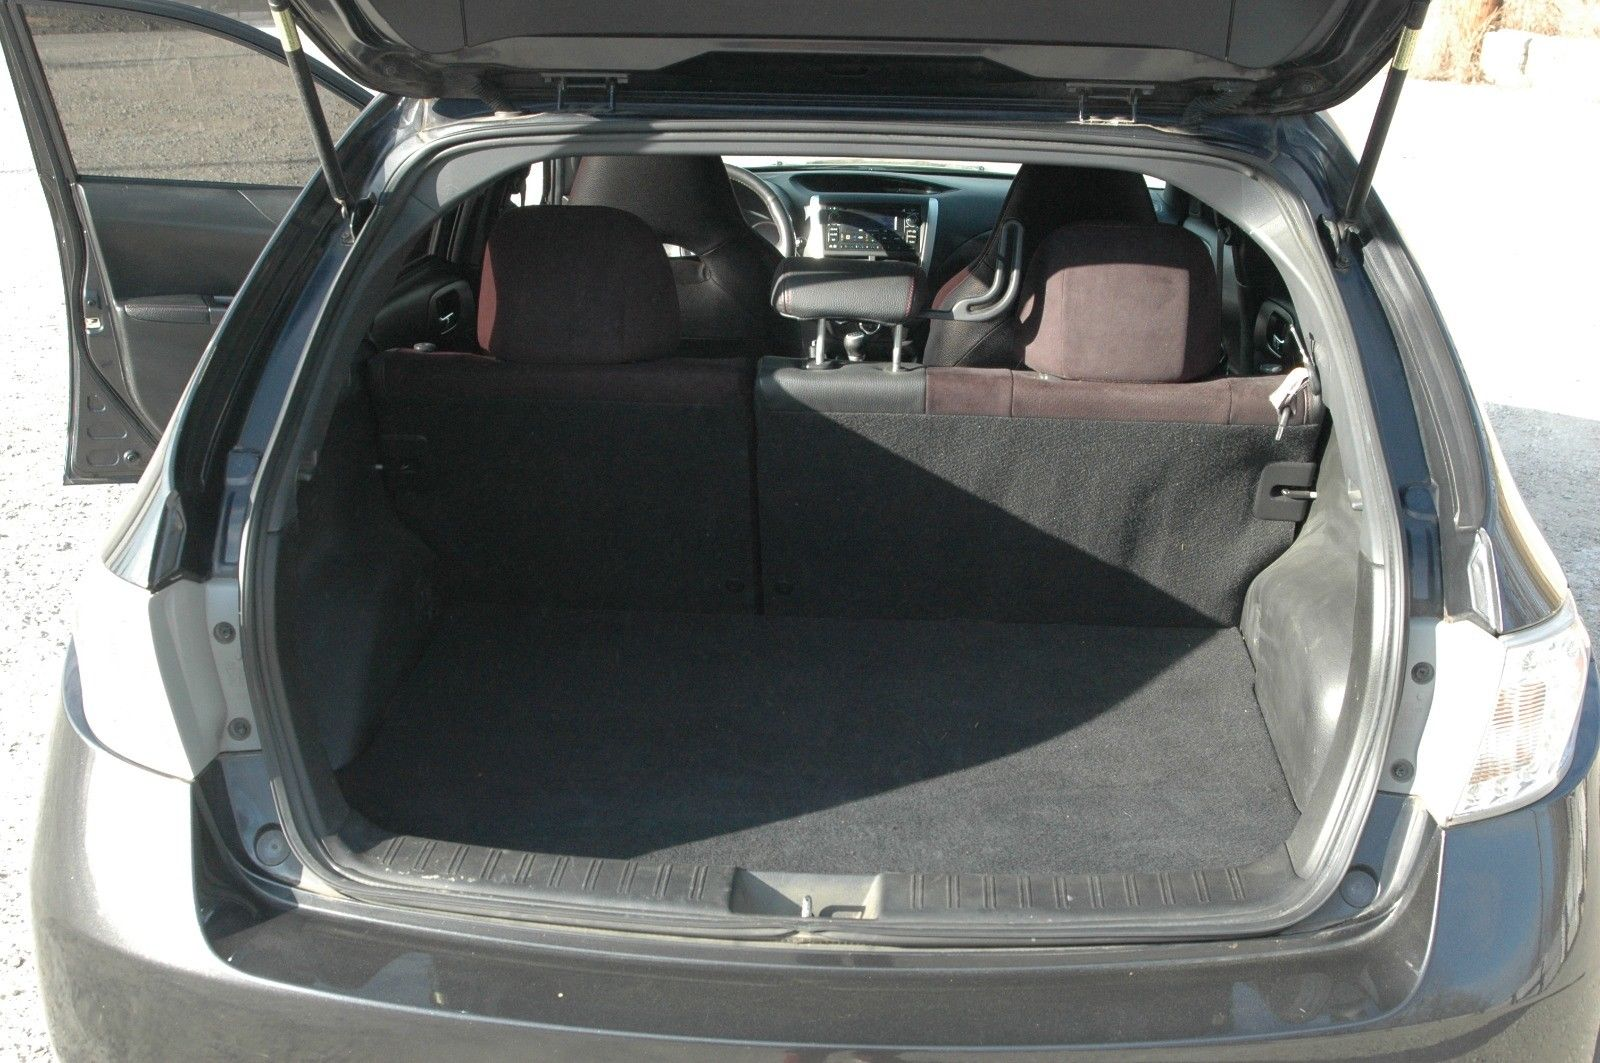 Sti For Sale >> Awesome 2011 Subaru Impreza WRX STI 2011 Subaru Impreza WRX STI Hatchback 2018-2019 | 24CarShop